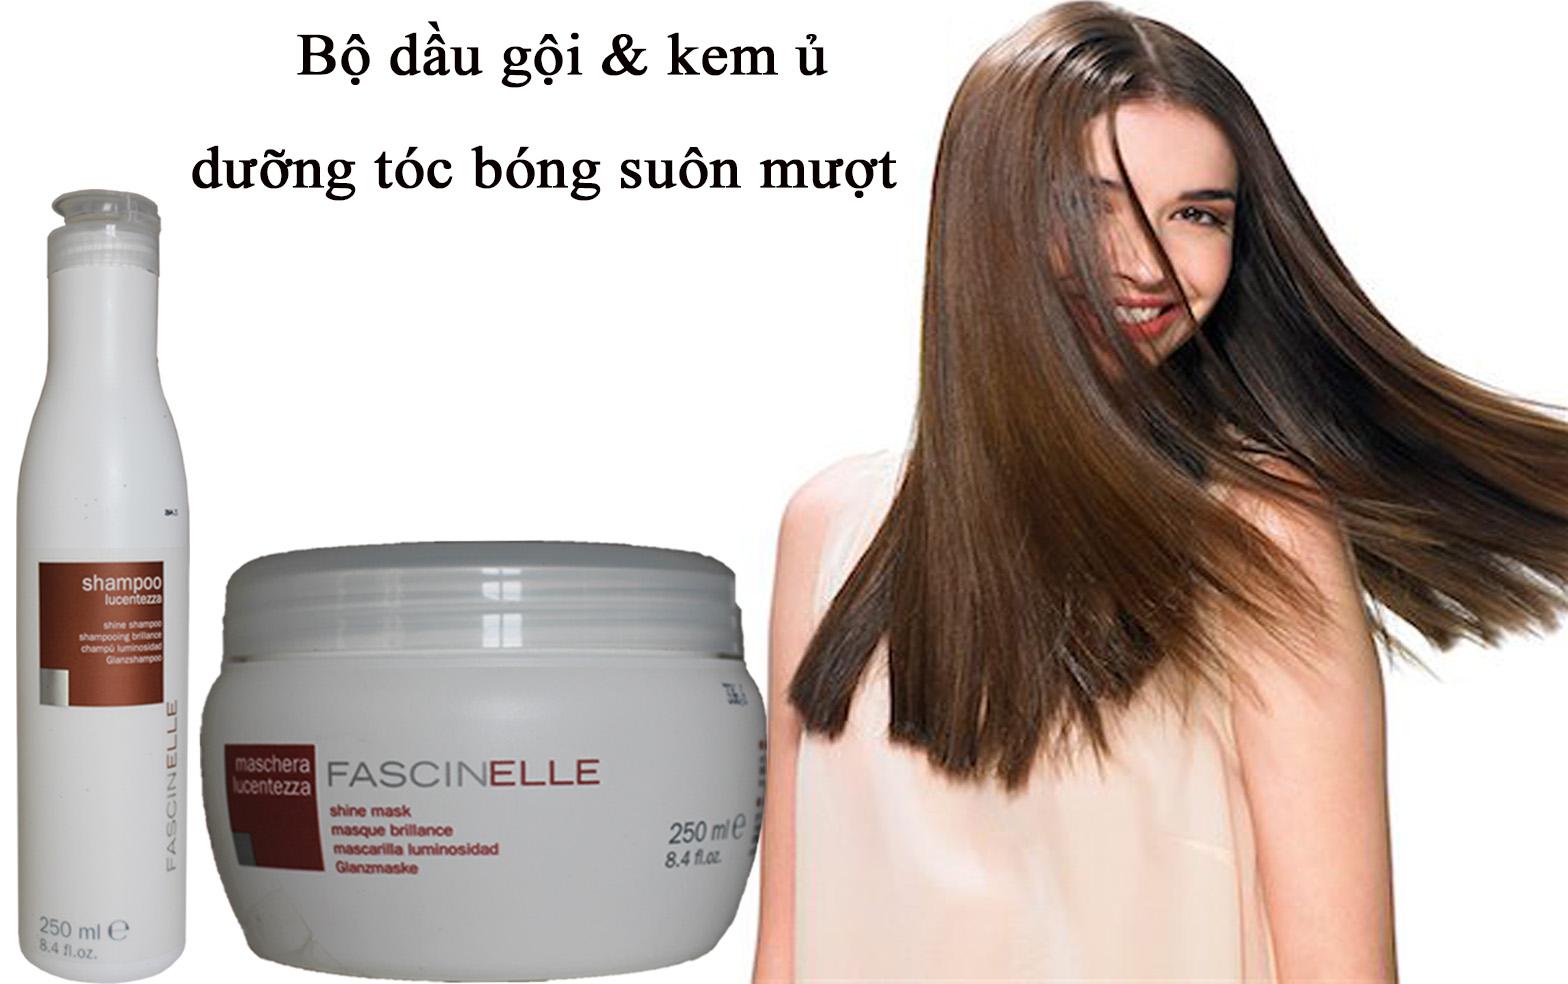 Bộ dầu gội và kem ủ xả dưỡng cho mái tóc bóng suôn mượt và quyến rũ Fascinelle ( Ý ) - DMC015